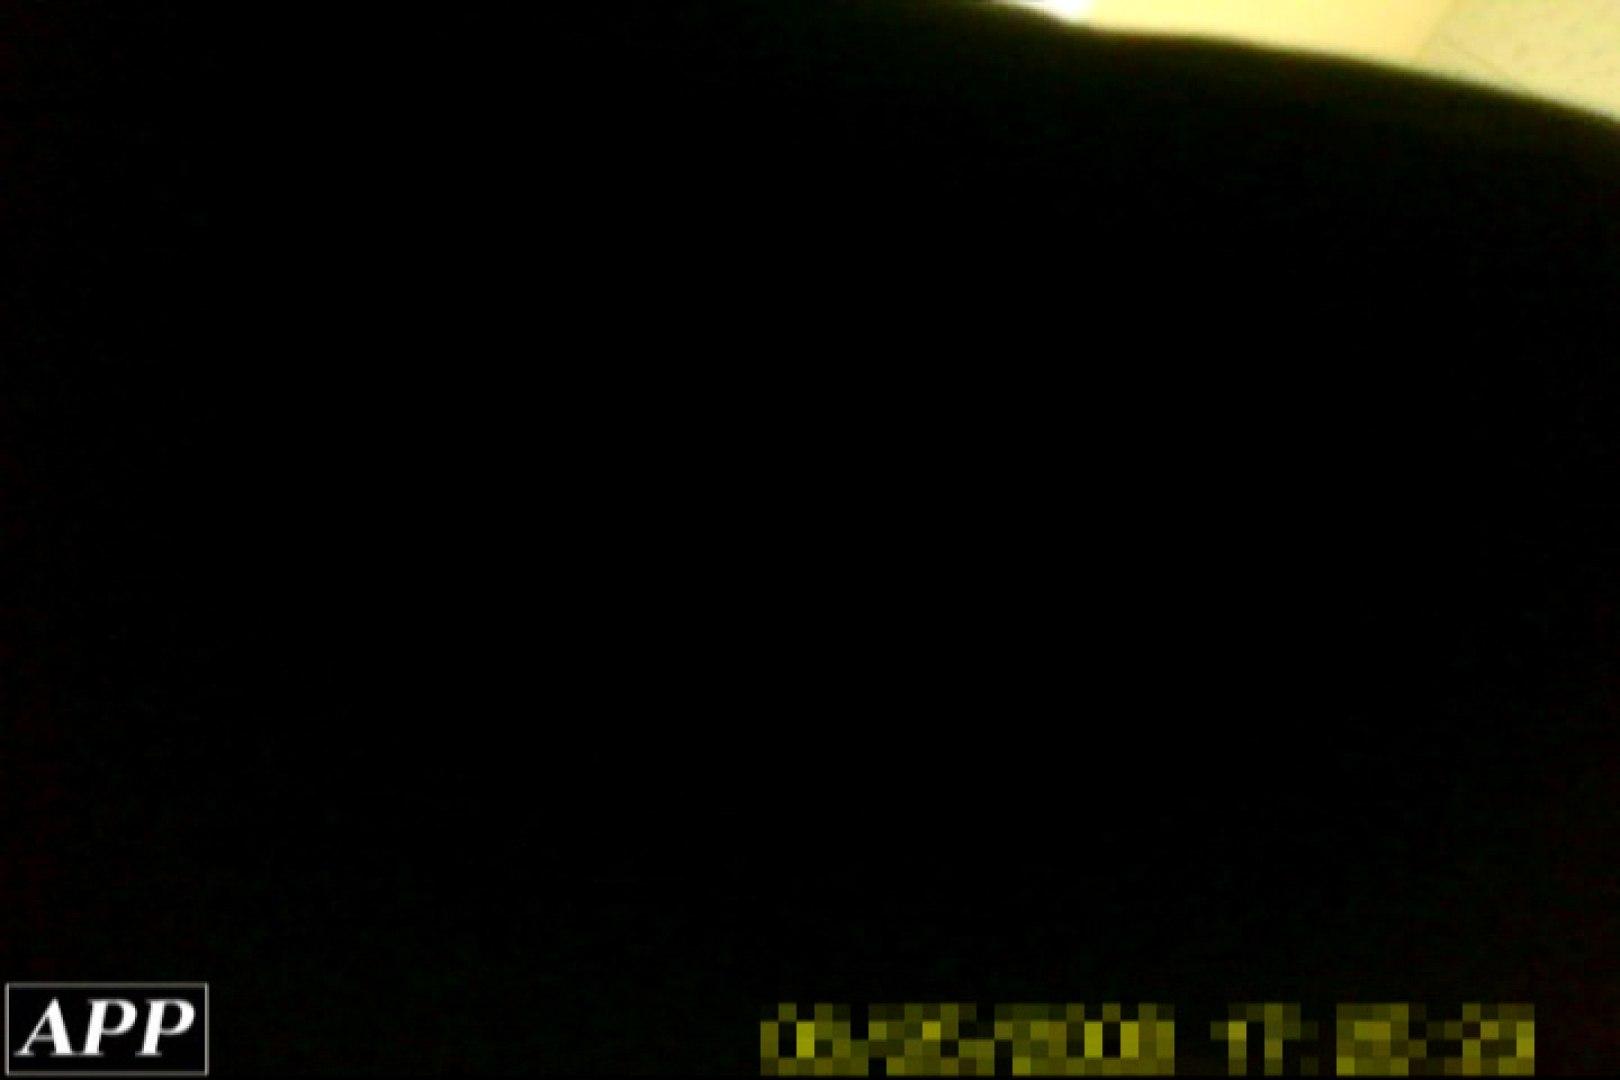 ハメ撮り 3視点洗面所 vol.75 怪盗ジョーカー